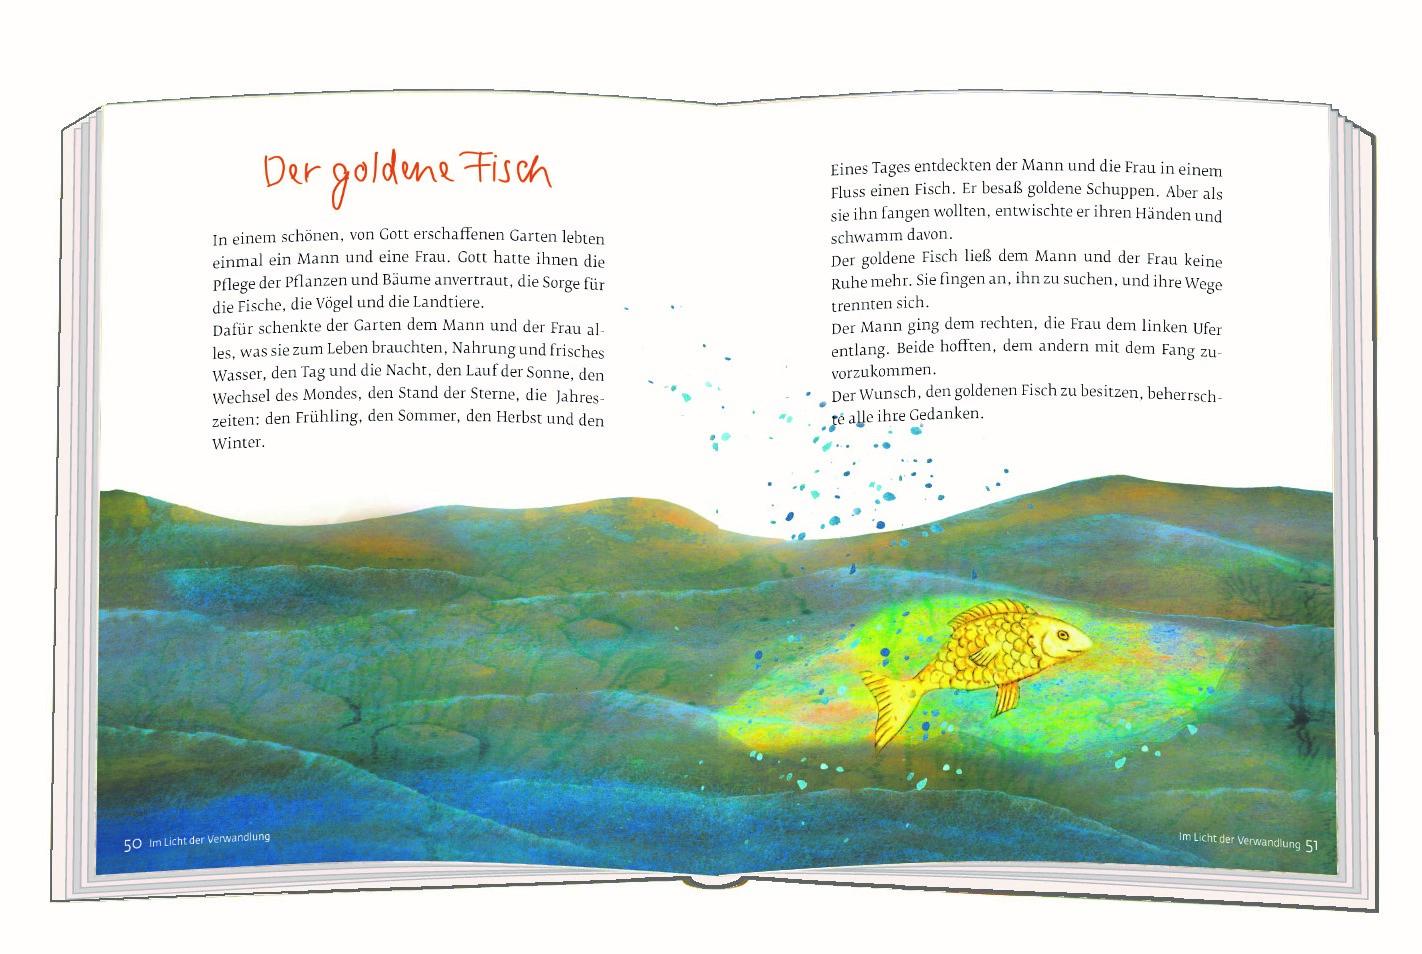 Max Bolligers goldener Fisch im Sonnengeheimnis (Verlag am Eschbach 2018)